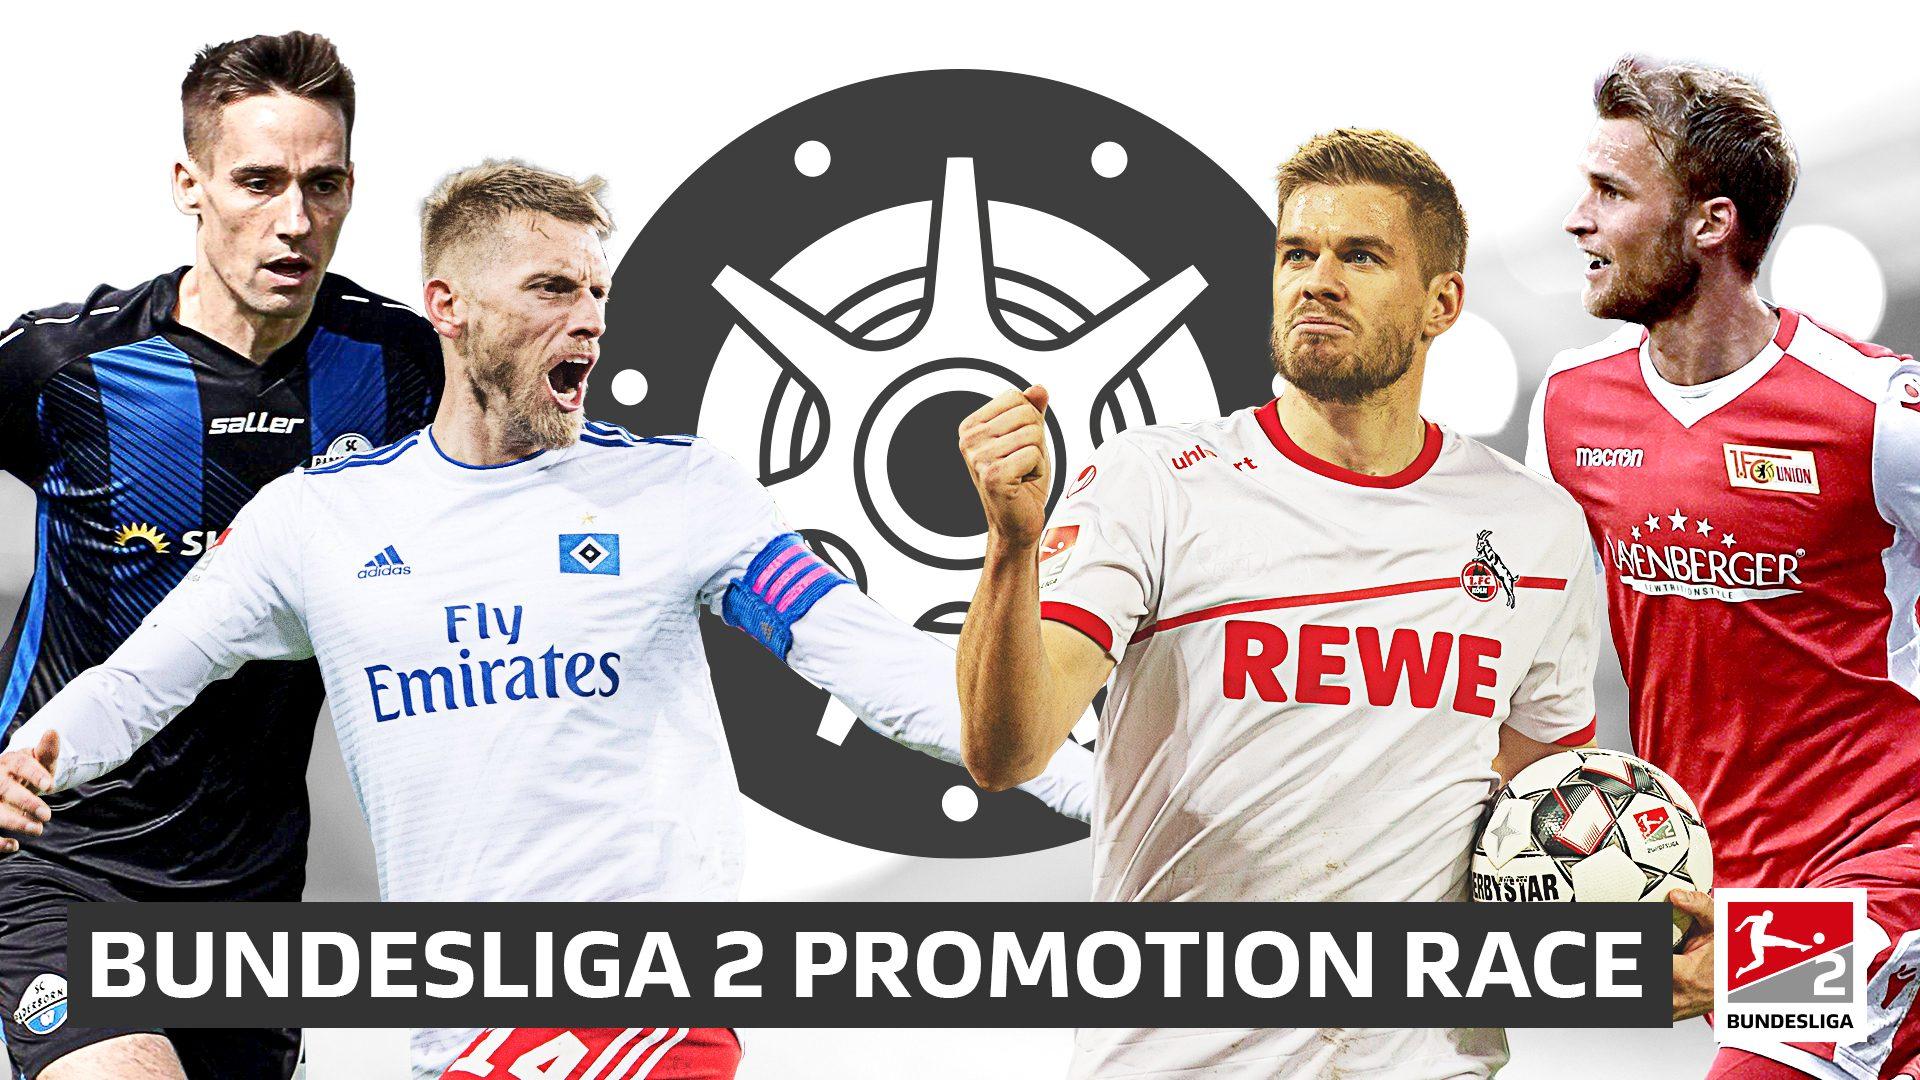 Bundesliga | 2018/19 Bundesliga 2 promotion: Who has won a place in